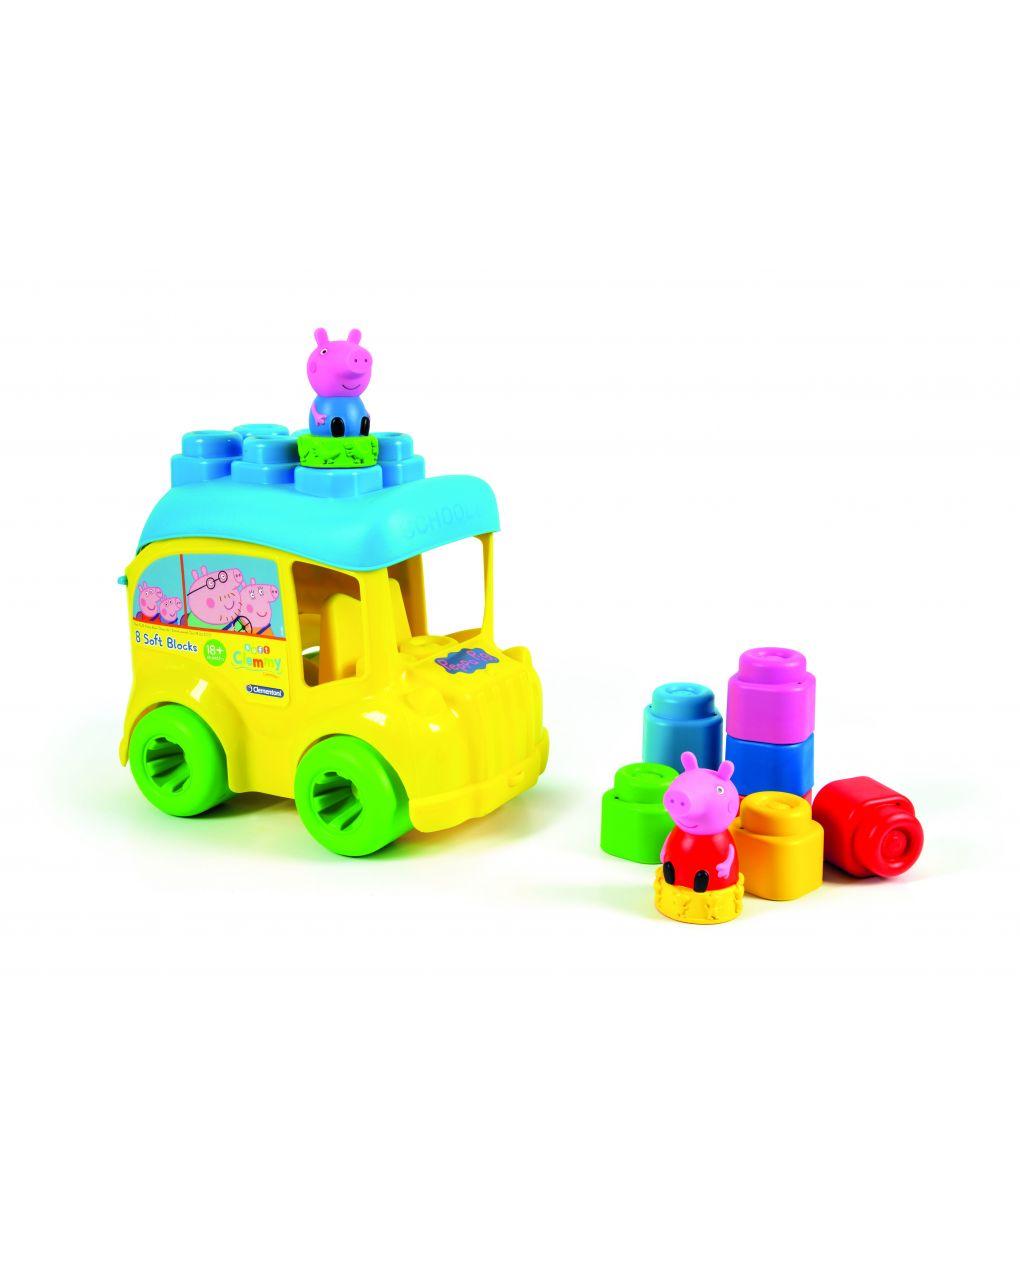 Peppa pig - balde de ônibus escolar de peppa pig - Clementoni